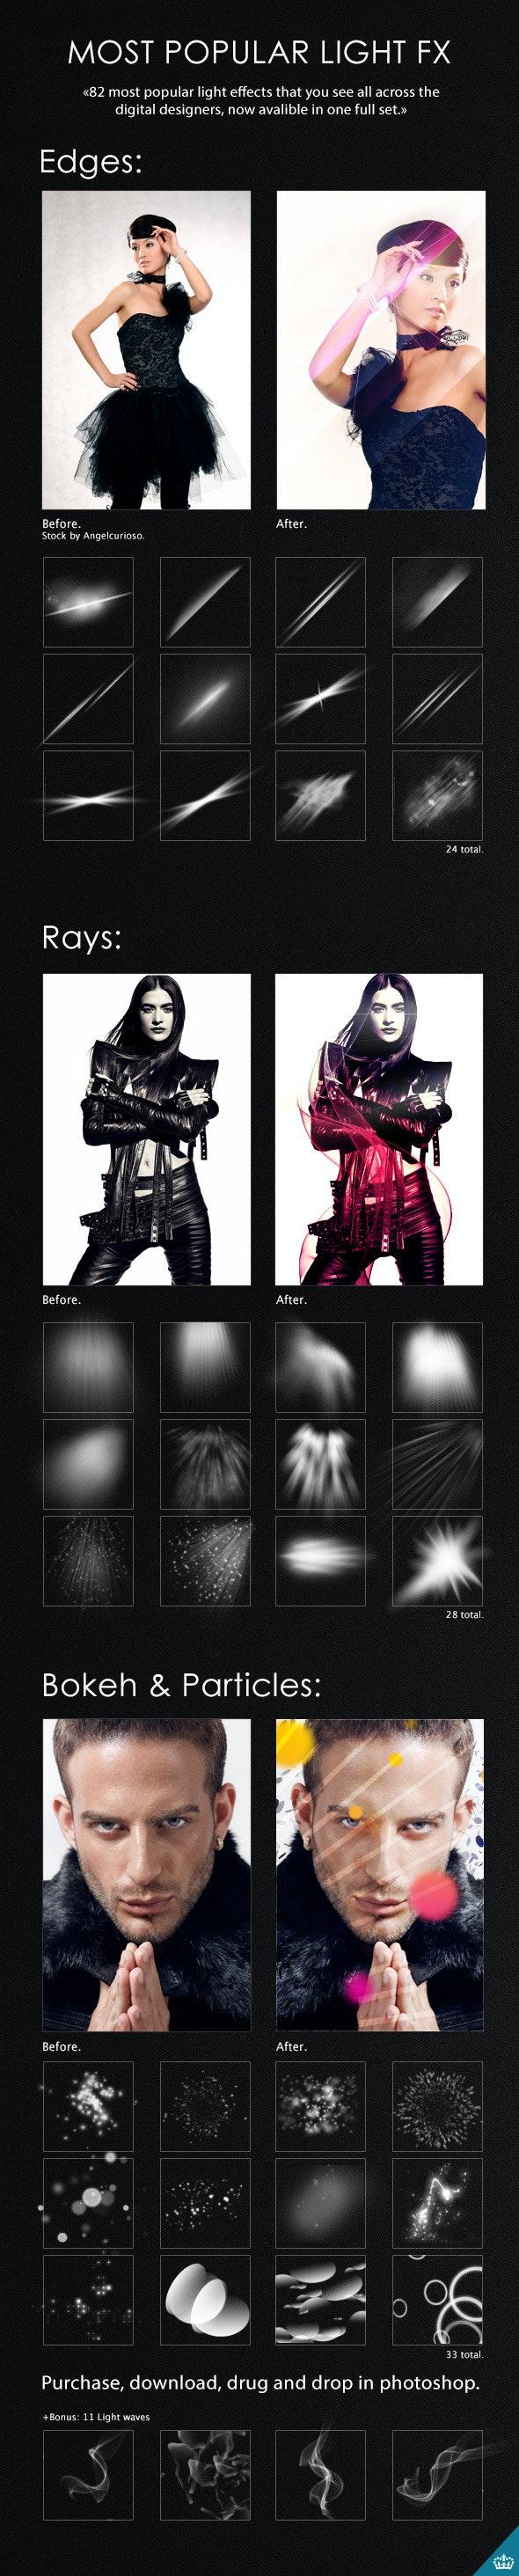 82 Light Effects - Brushes Photoshop